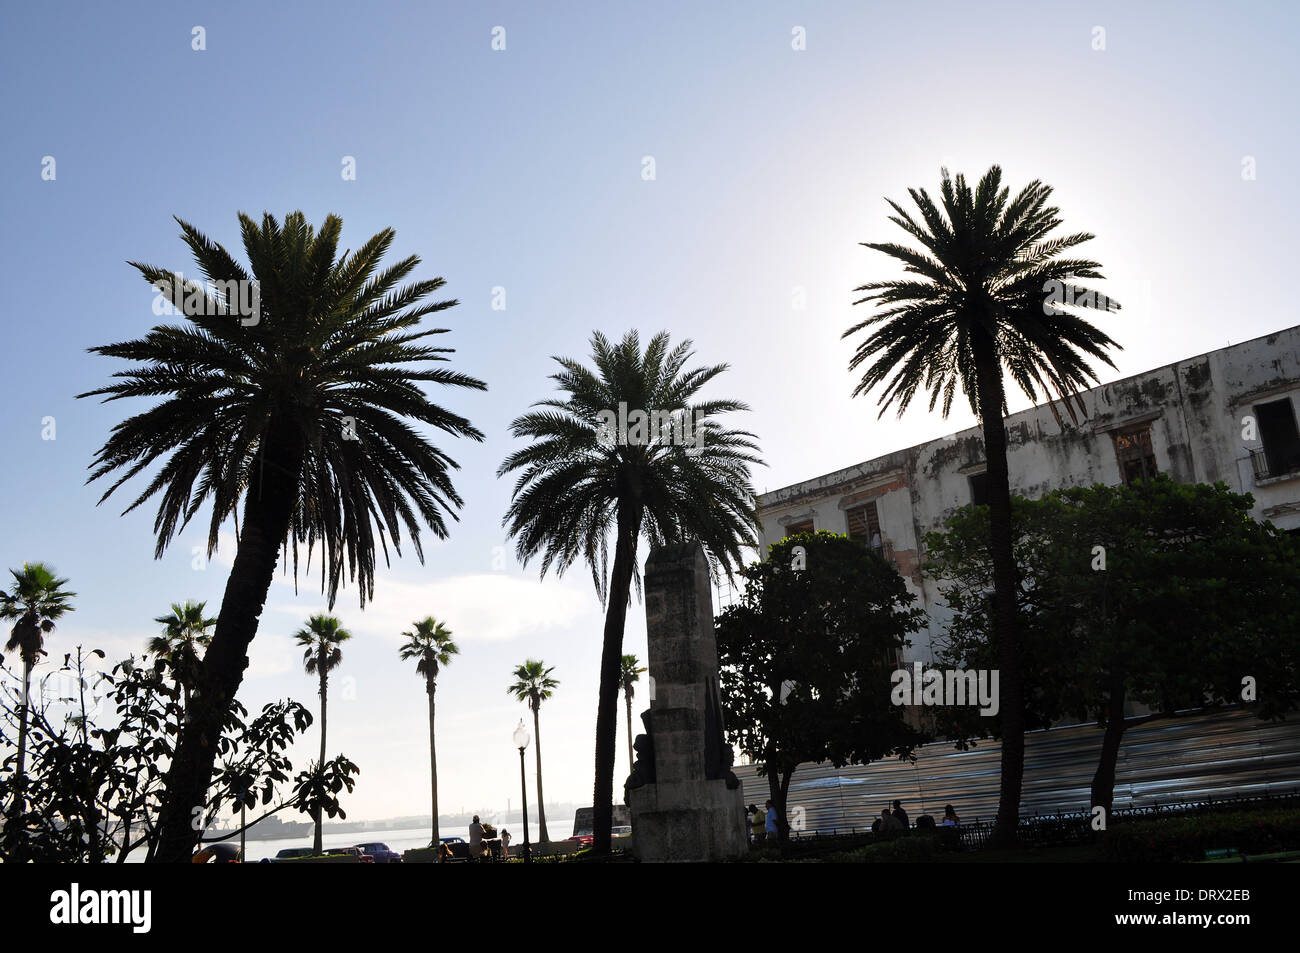 Havana, Cuba: palm trees near the harbor - Stock Image